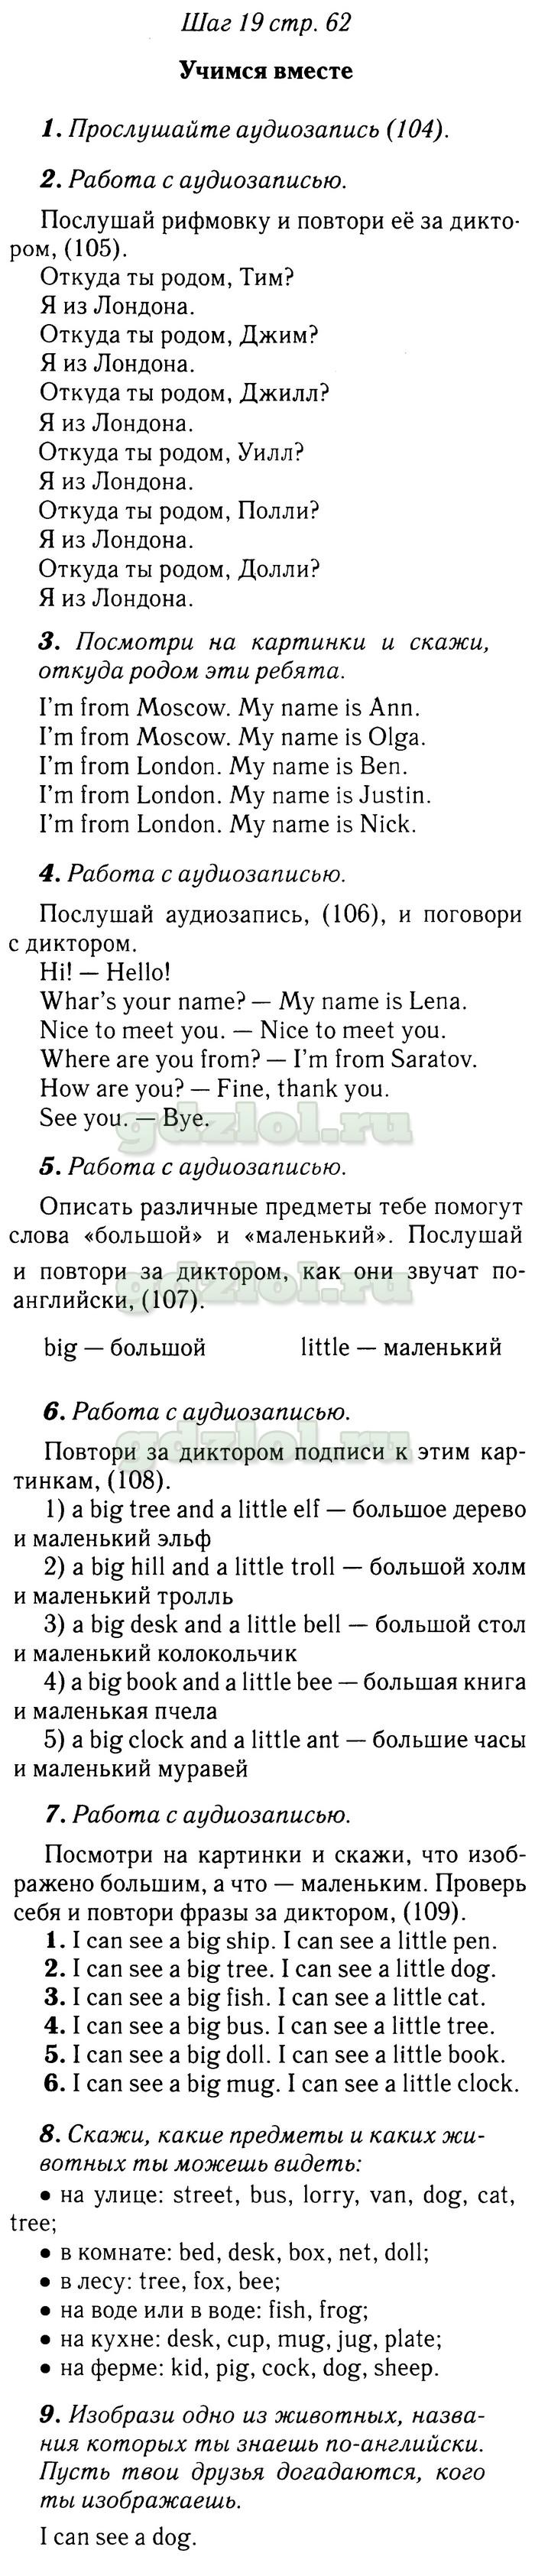 Перевод на русский 7 класса страница 98 упражнение